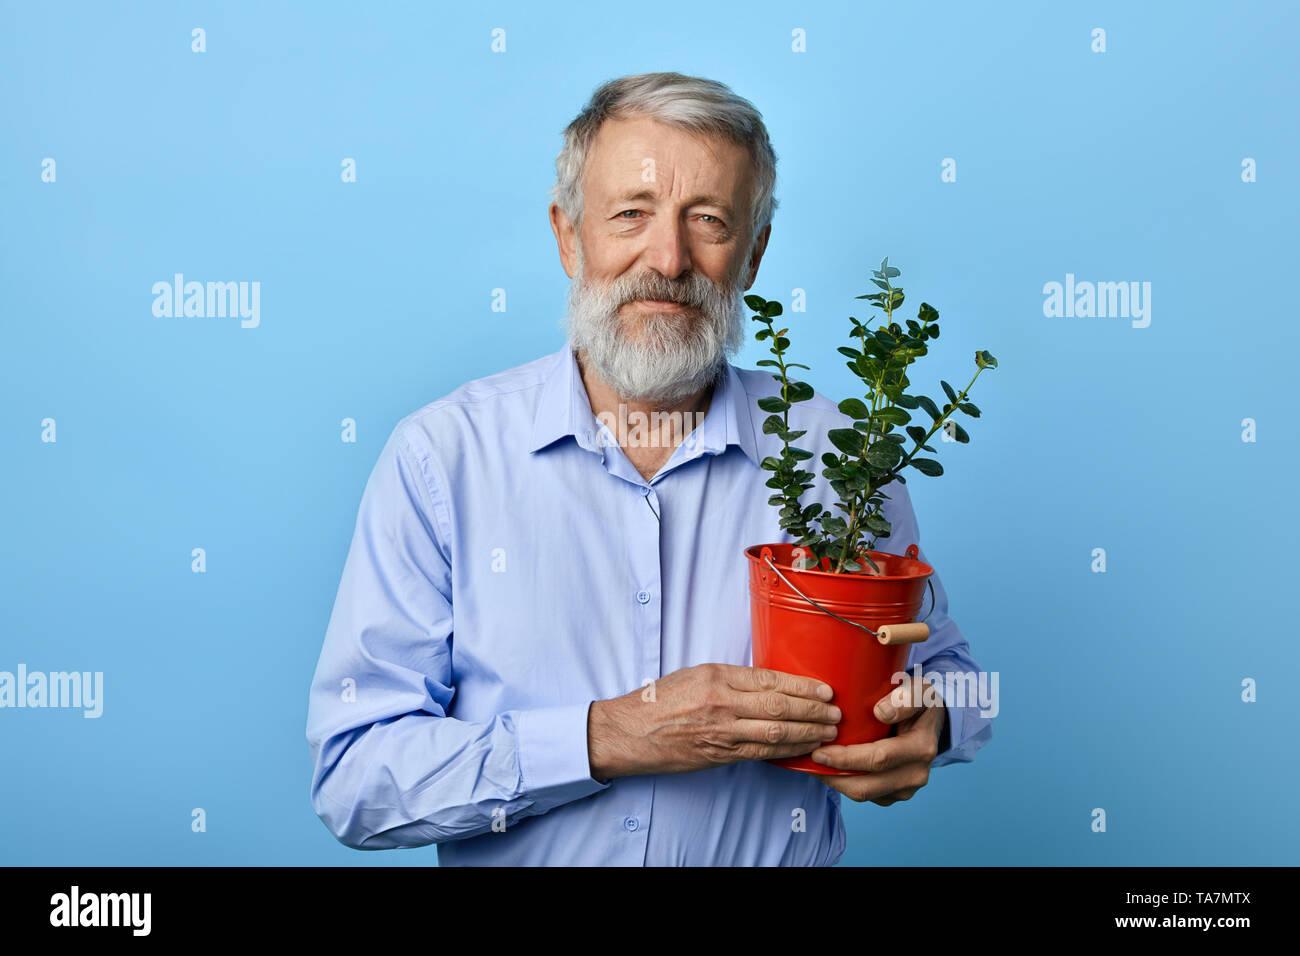 Genere positivo vecchio uomo barbuto holding pentola floreale con pianta verde casa e guarda la telecamera. Tempo libero, hobby, tempo di ricambio Immagini Stock